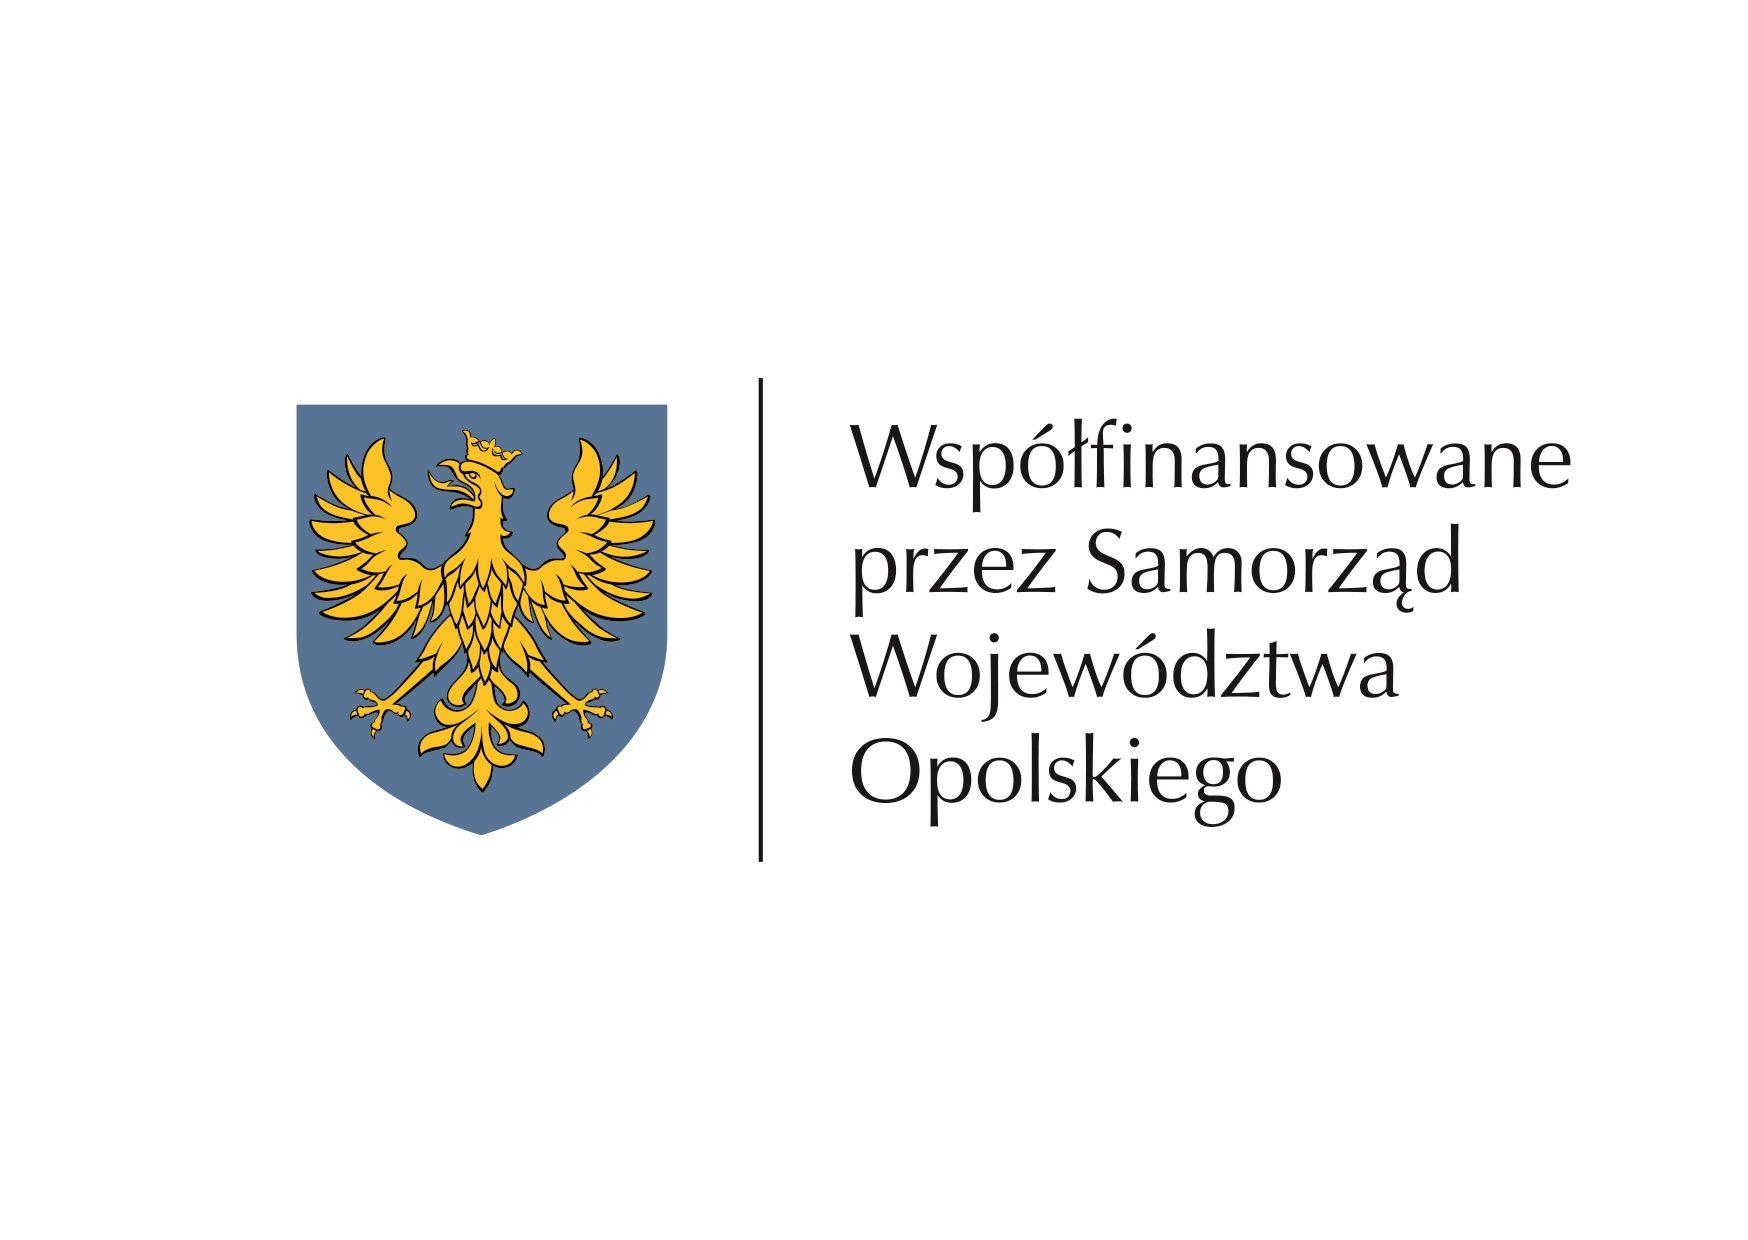 Wspolfinansowane-przez-Samorzad-Wojewodztwa-Opolskiego-wersja-pozioma (1)